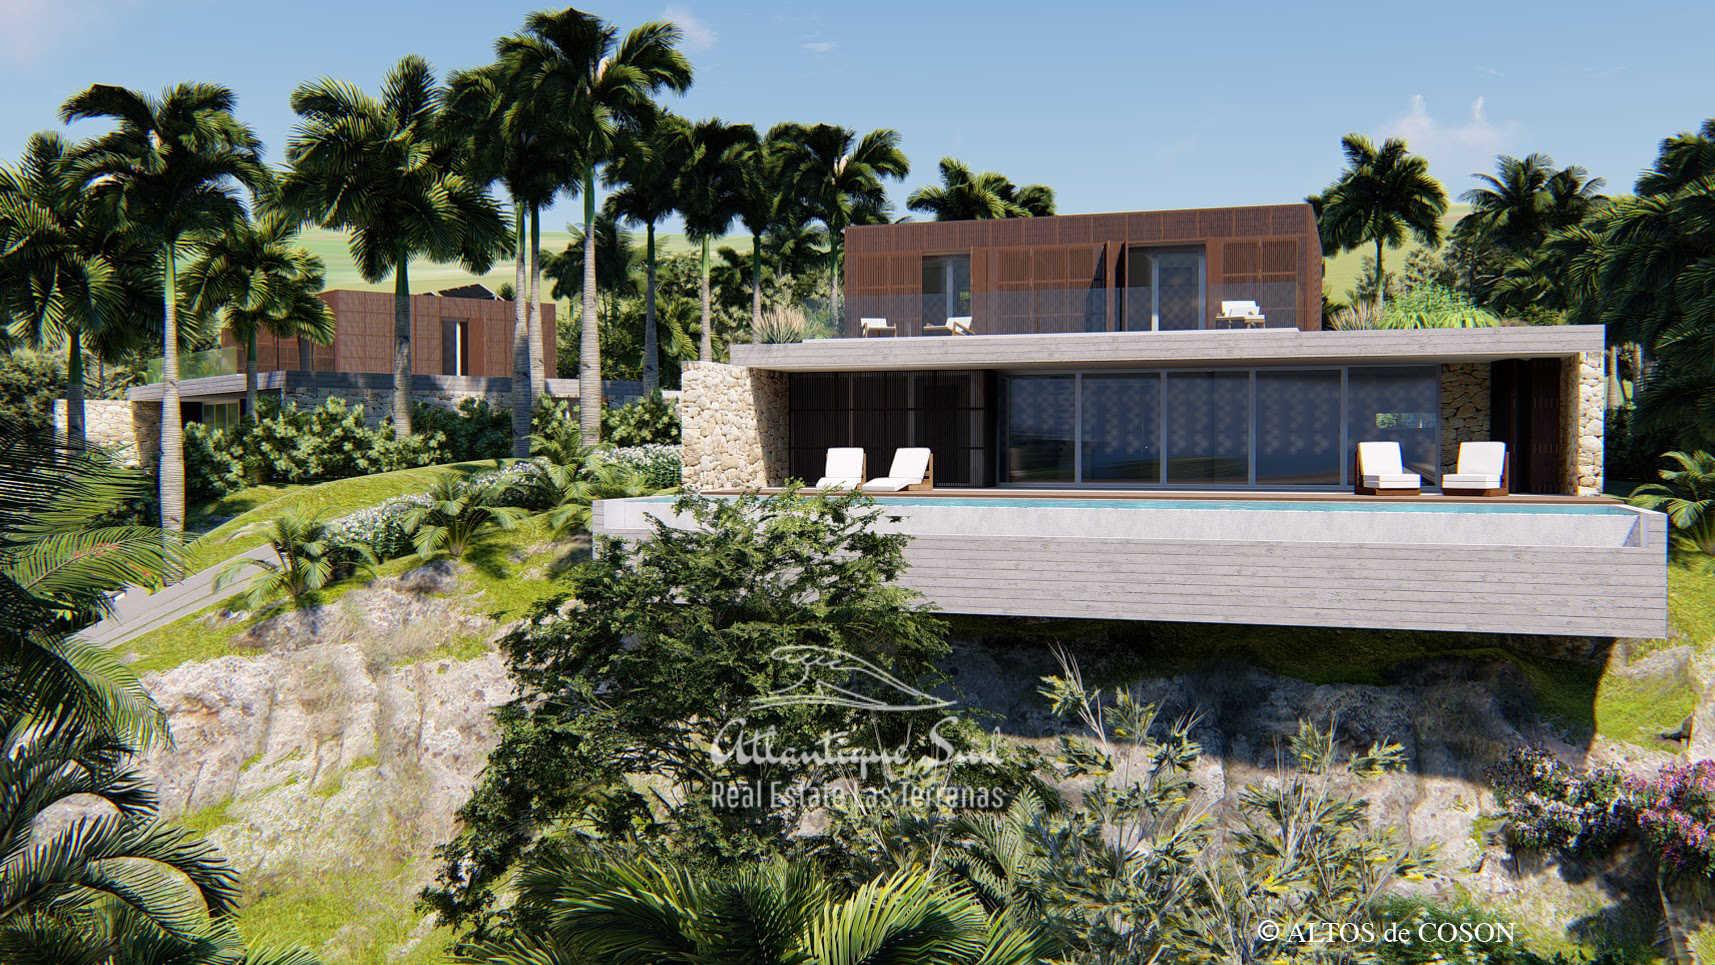 Lots with villas to build in Coson las terrenas9.jpg